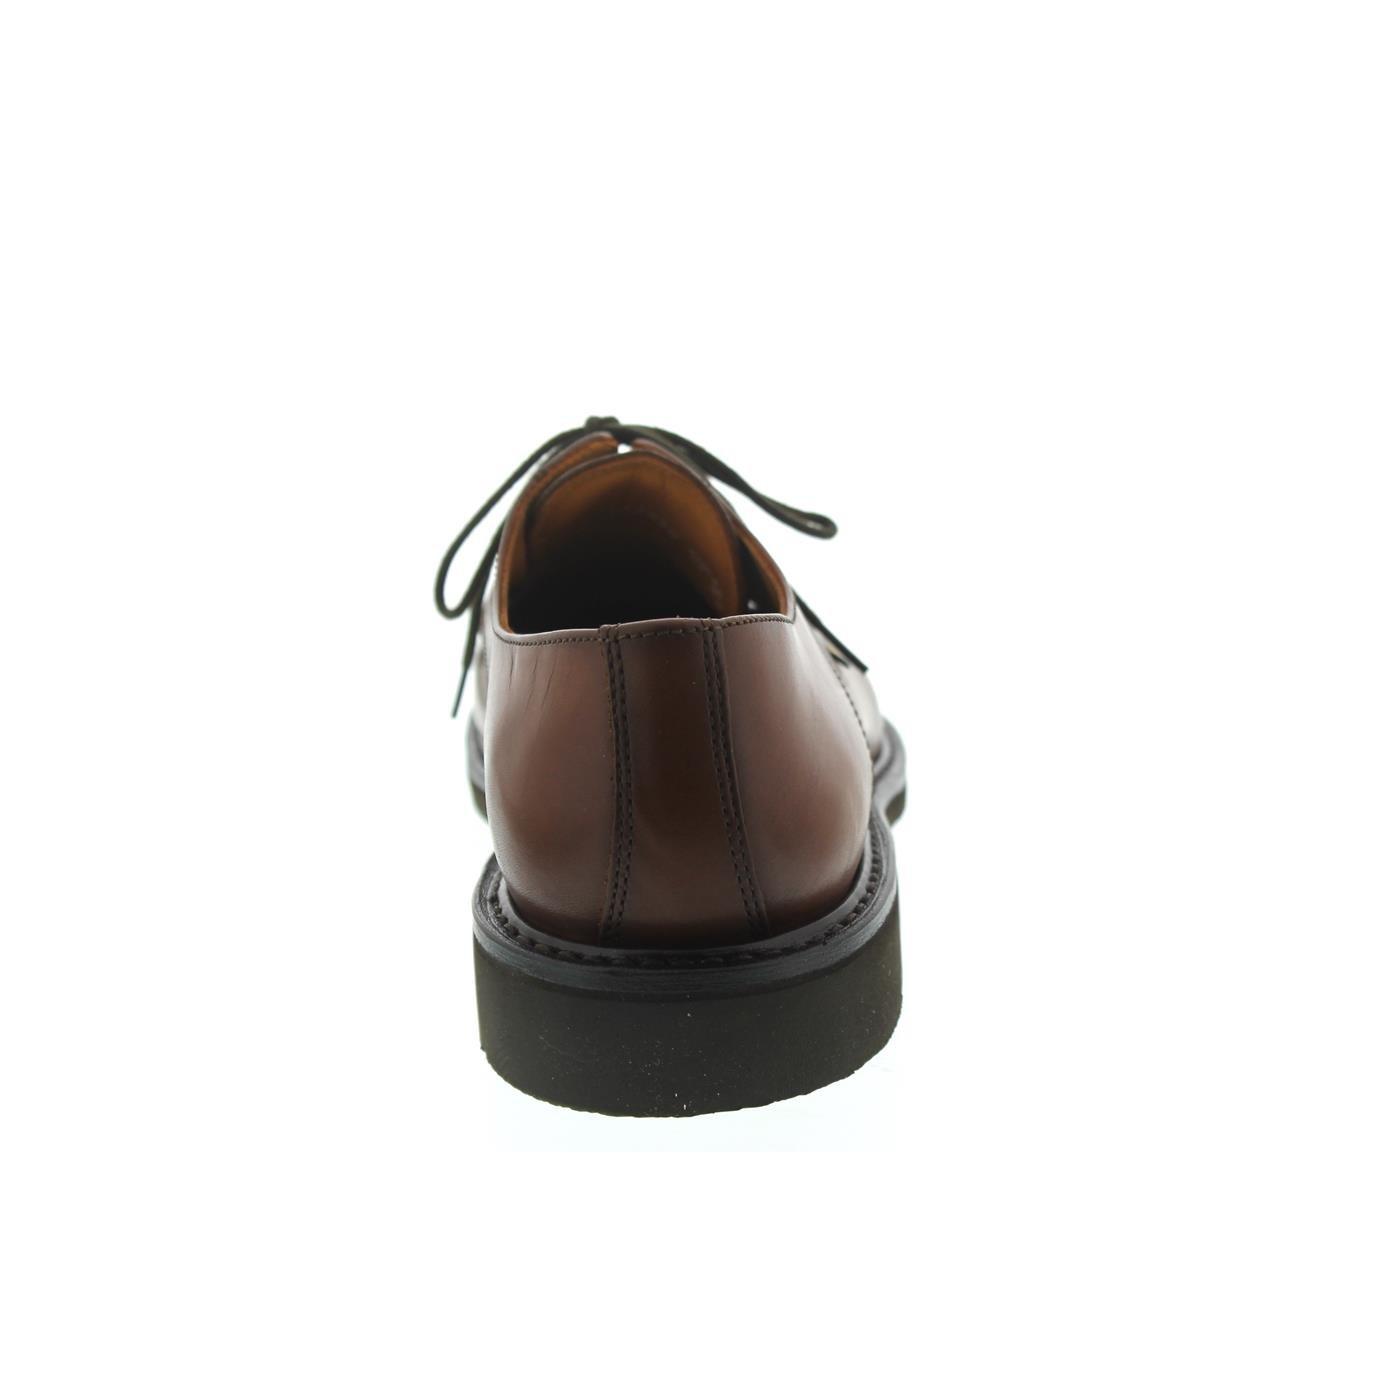 Mephisto Mephisto Mephisto Zapato para Hombre de Marlon 3e1de0